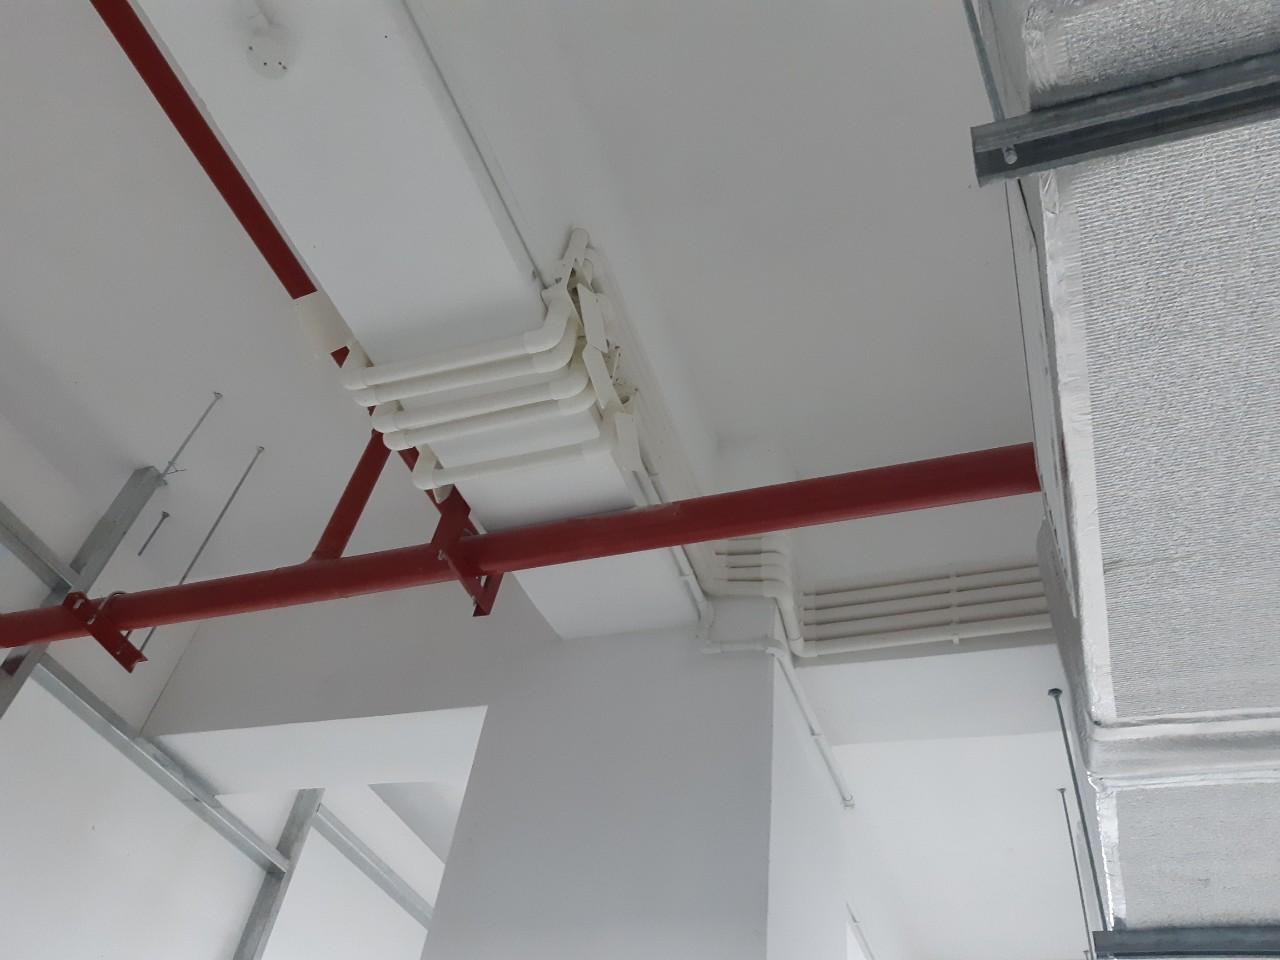 Thi công lắp đặt hệ thống âm thanh mạng nội bộ, tổng đài, khu nhà xưởng công ty Crystal Martin Tháng 8